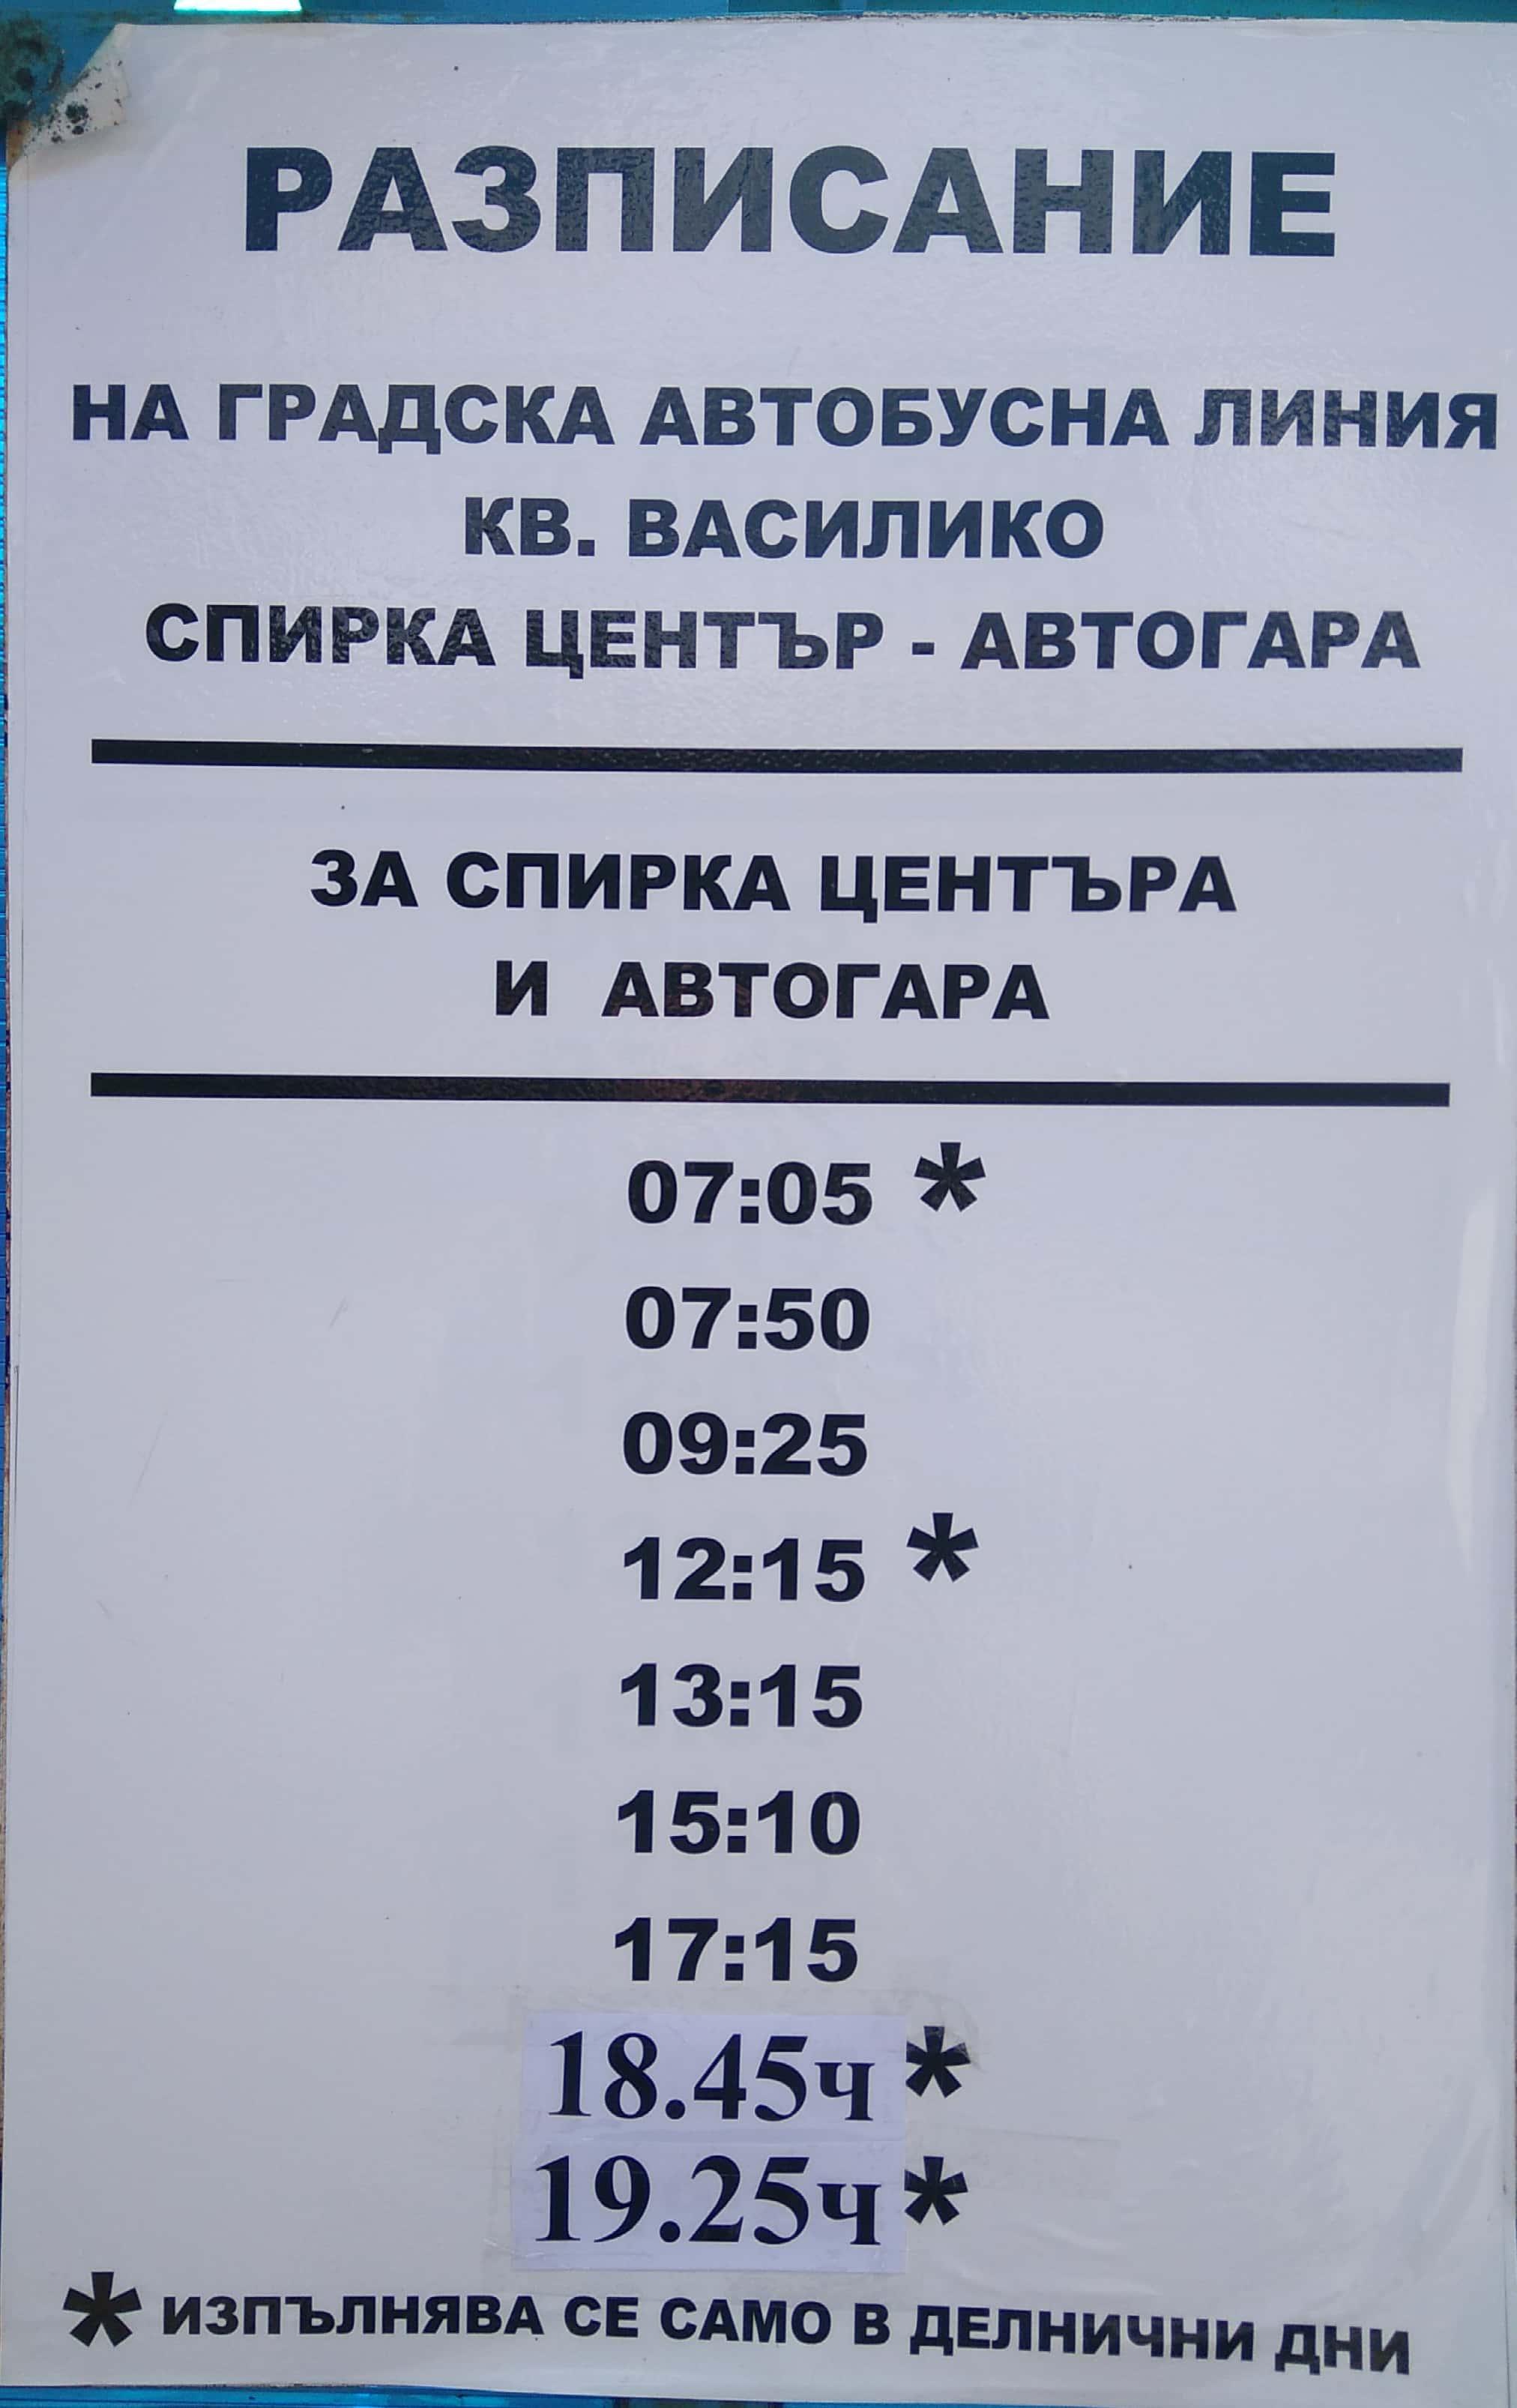 Василико - Царево - Василико